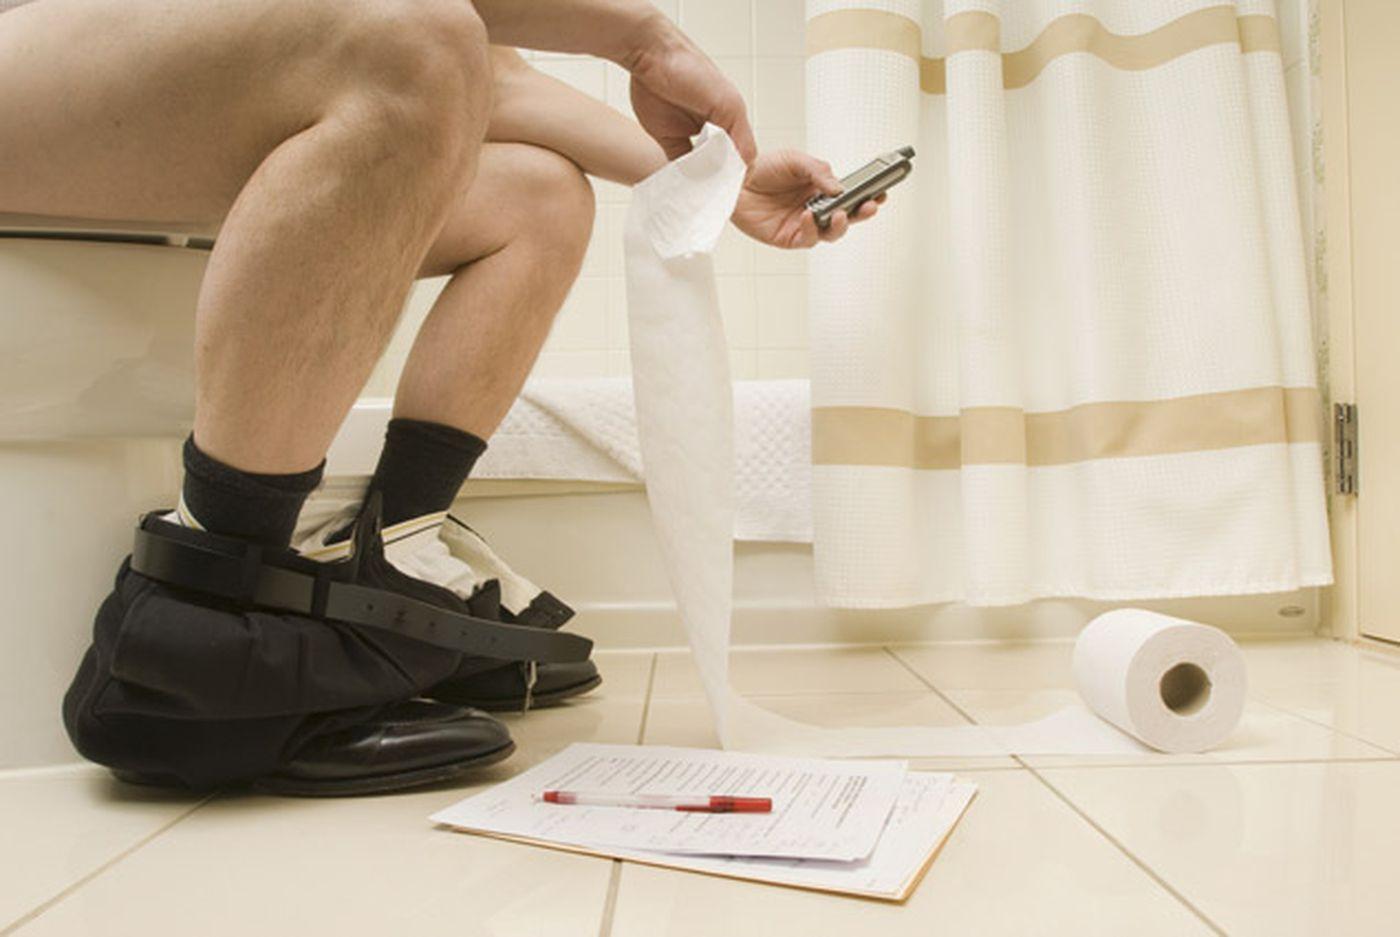 sử dụng điện thoại khi đi vệ sinh